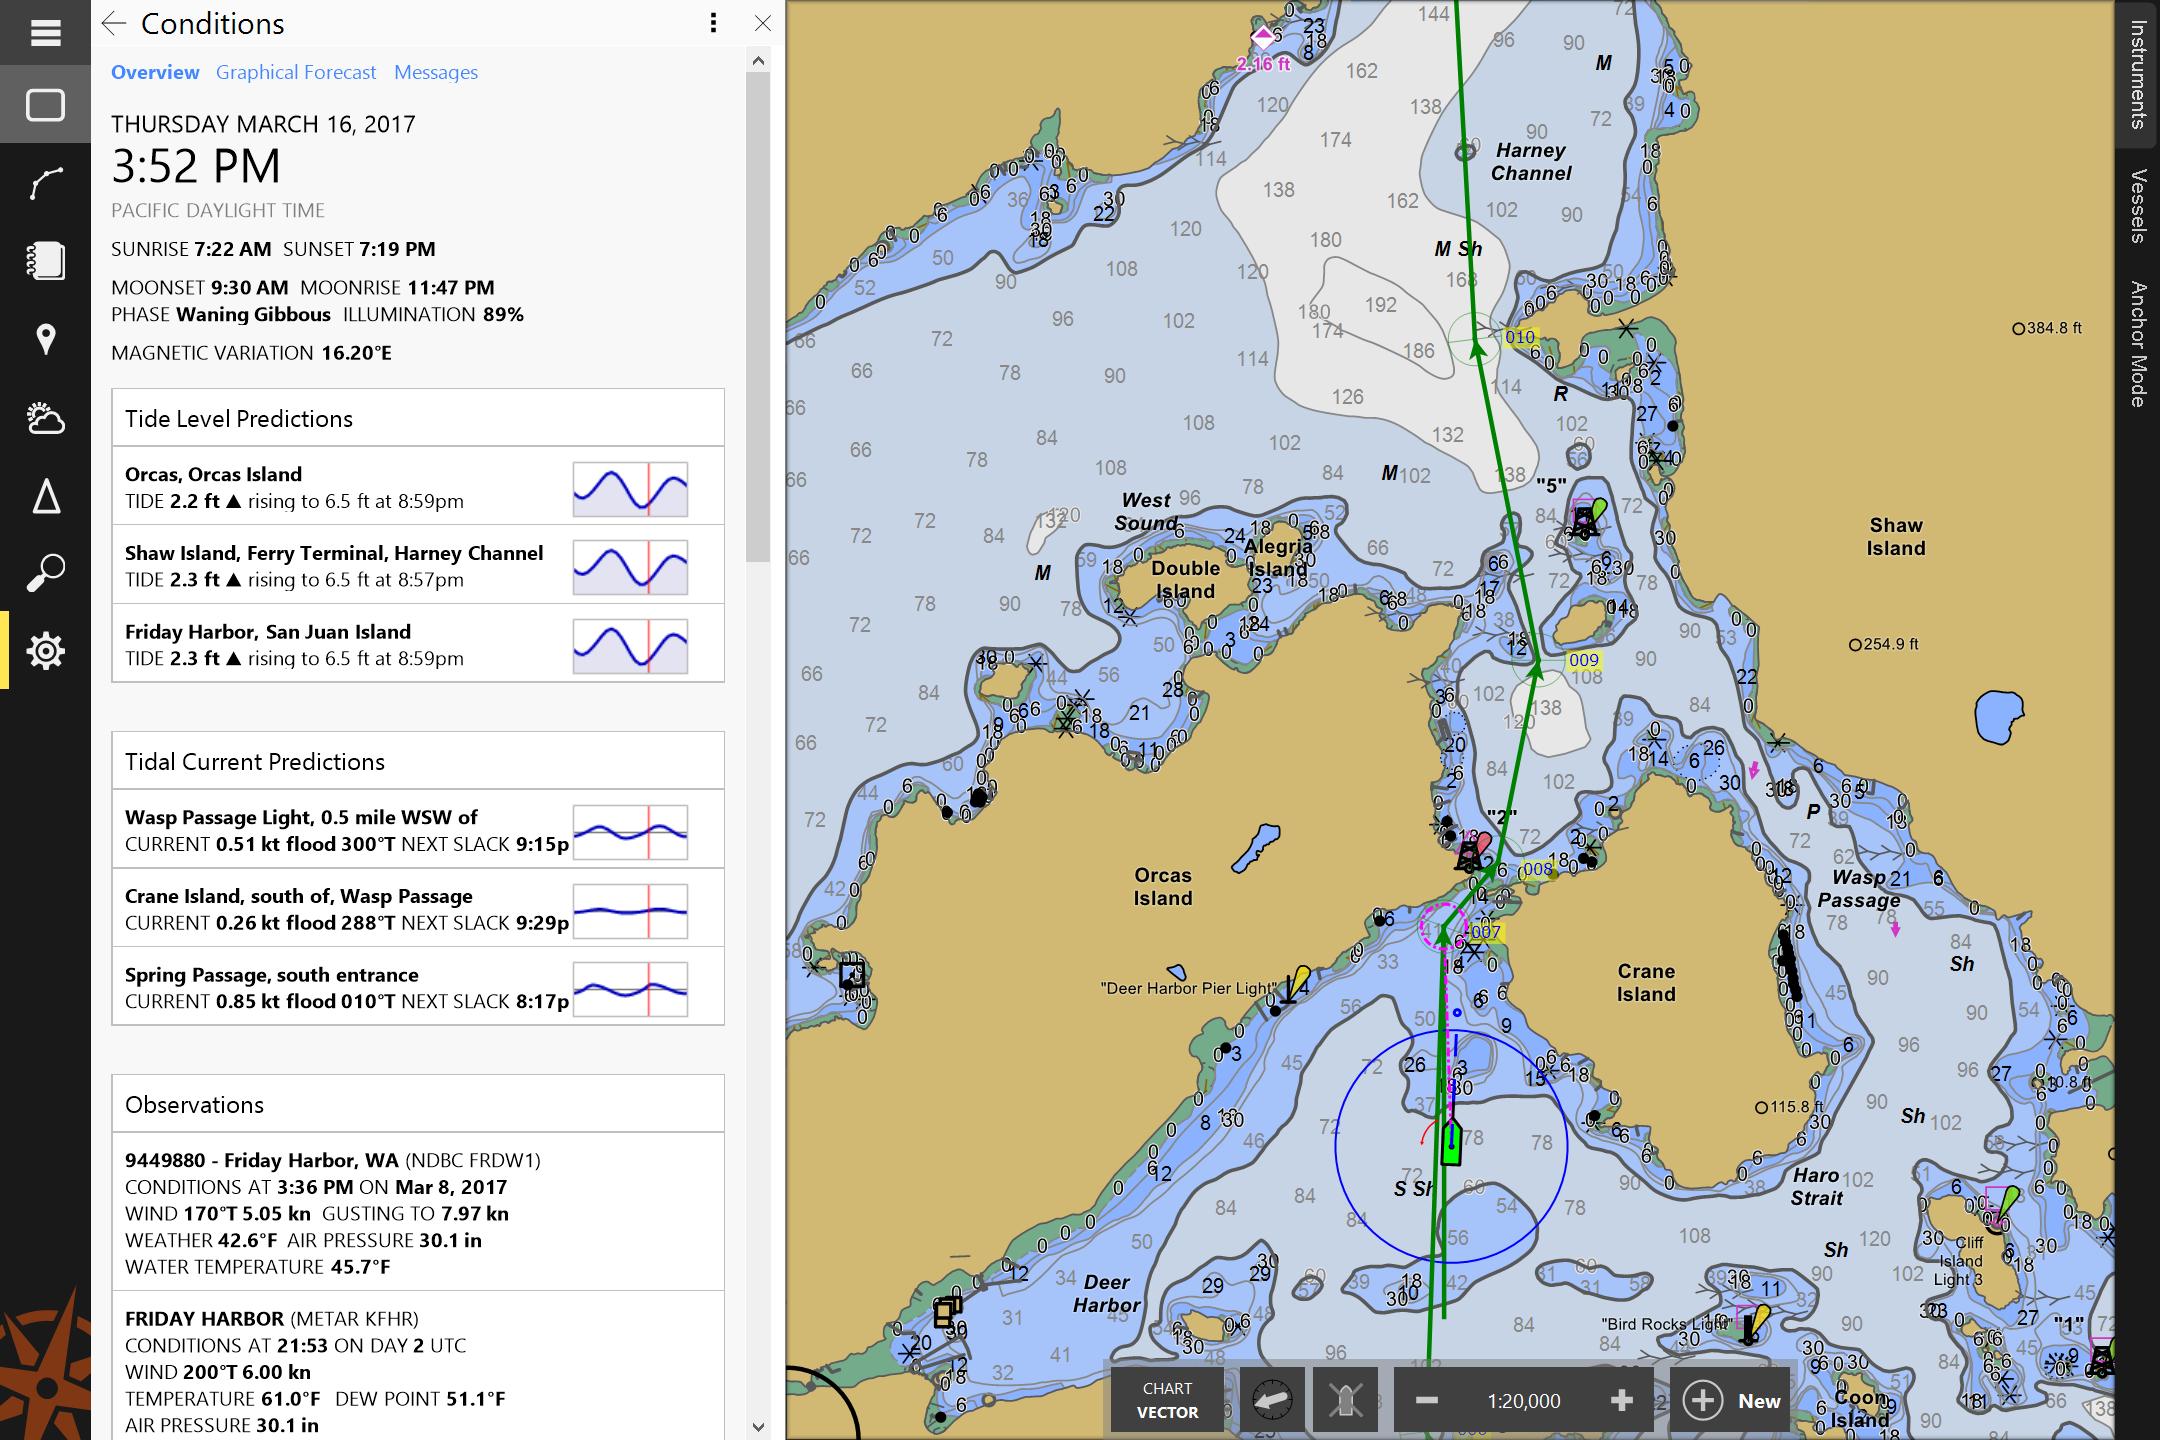 Rose Point Navigation Systems -- Marine Navigation ... on nobeltec charts, quick charts, navionics charts, fusion charts, 4d charts, s 57 charts,